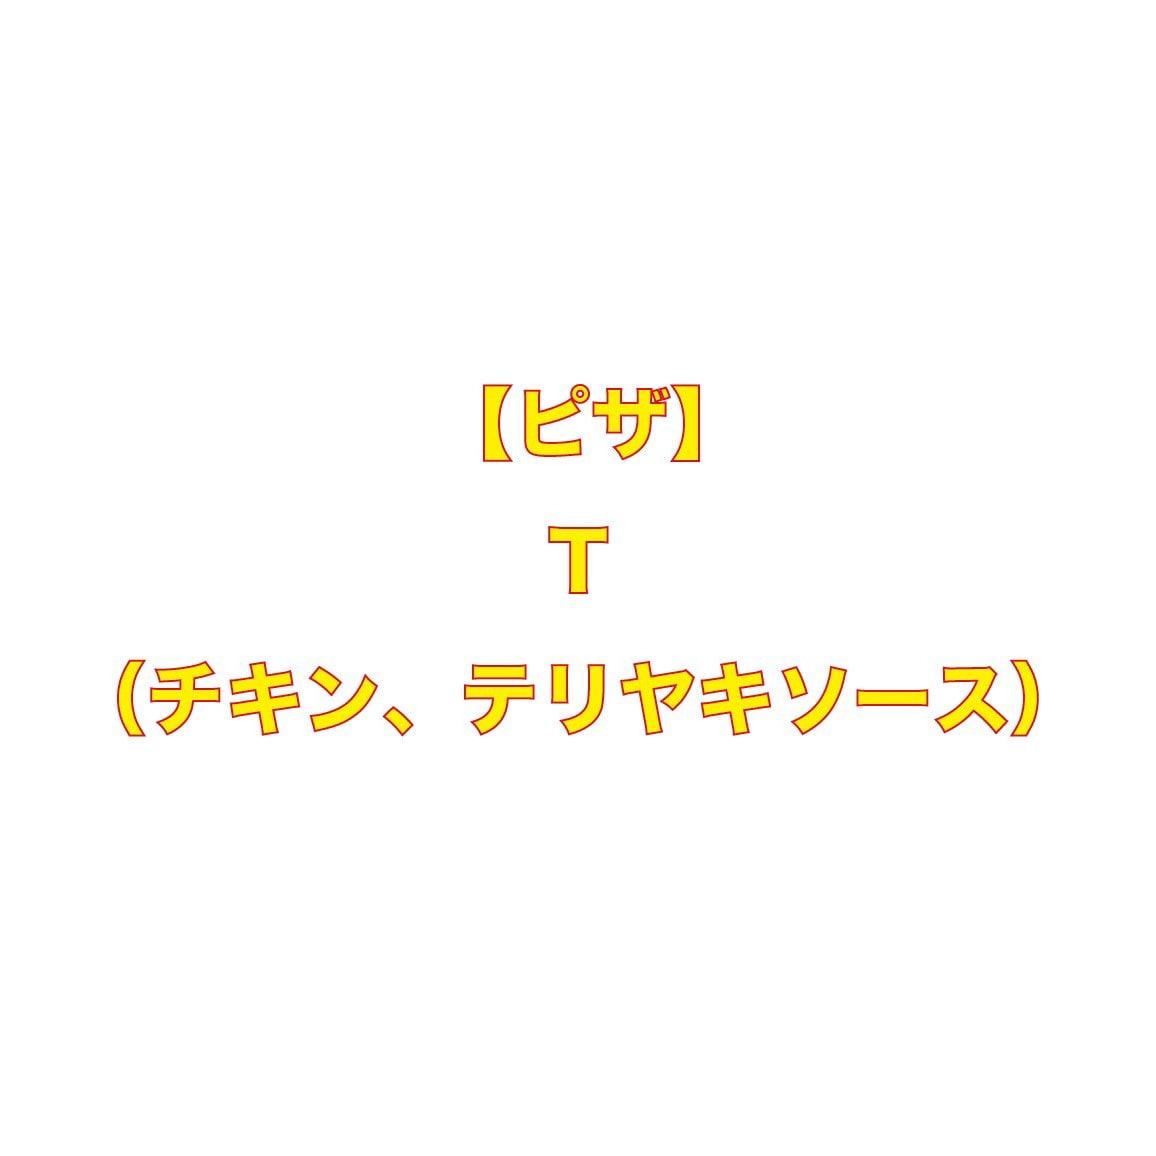 【ピザ】T(チキン、テリヤキソース)のイメージその1